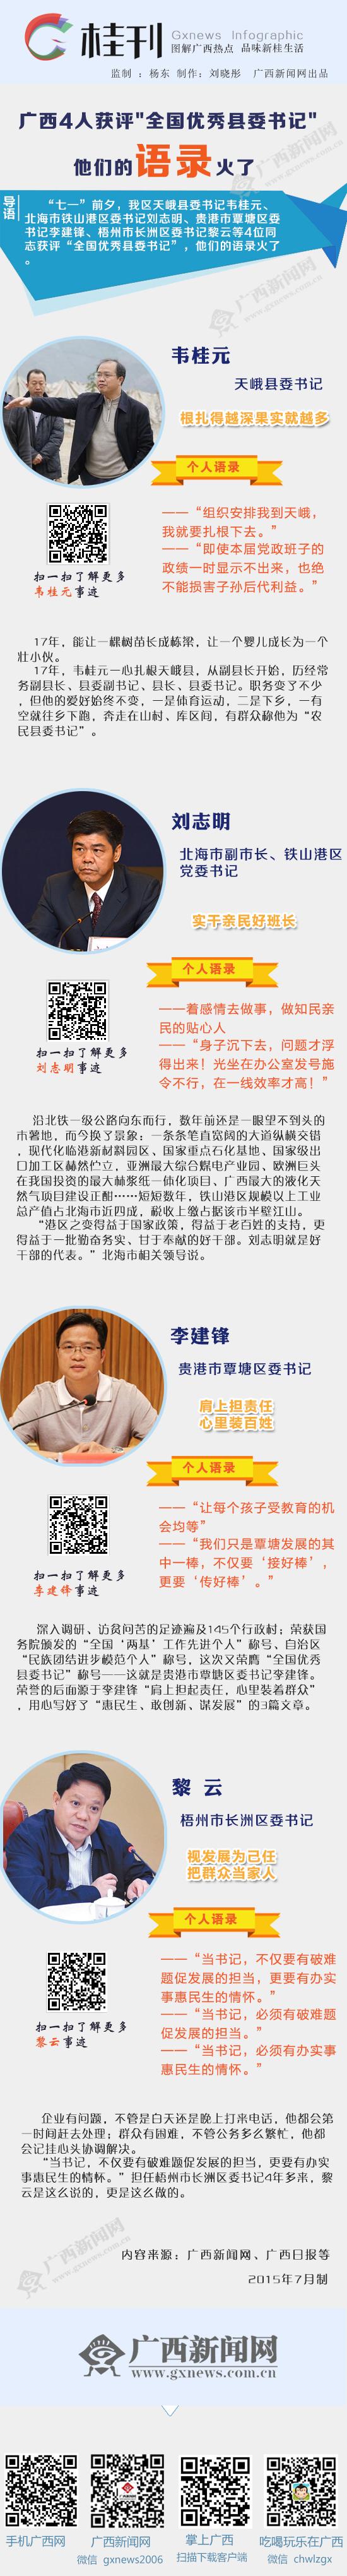 """[桂刊]广西4人获评""""全国优秀县委书记"""" 语录火了"""